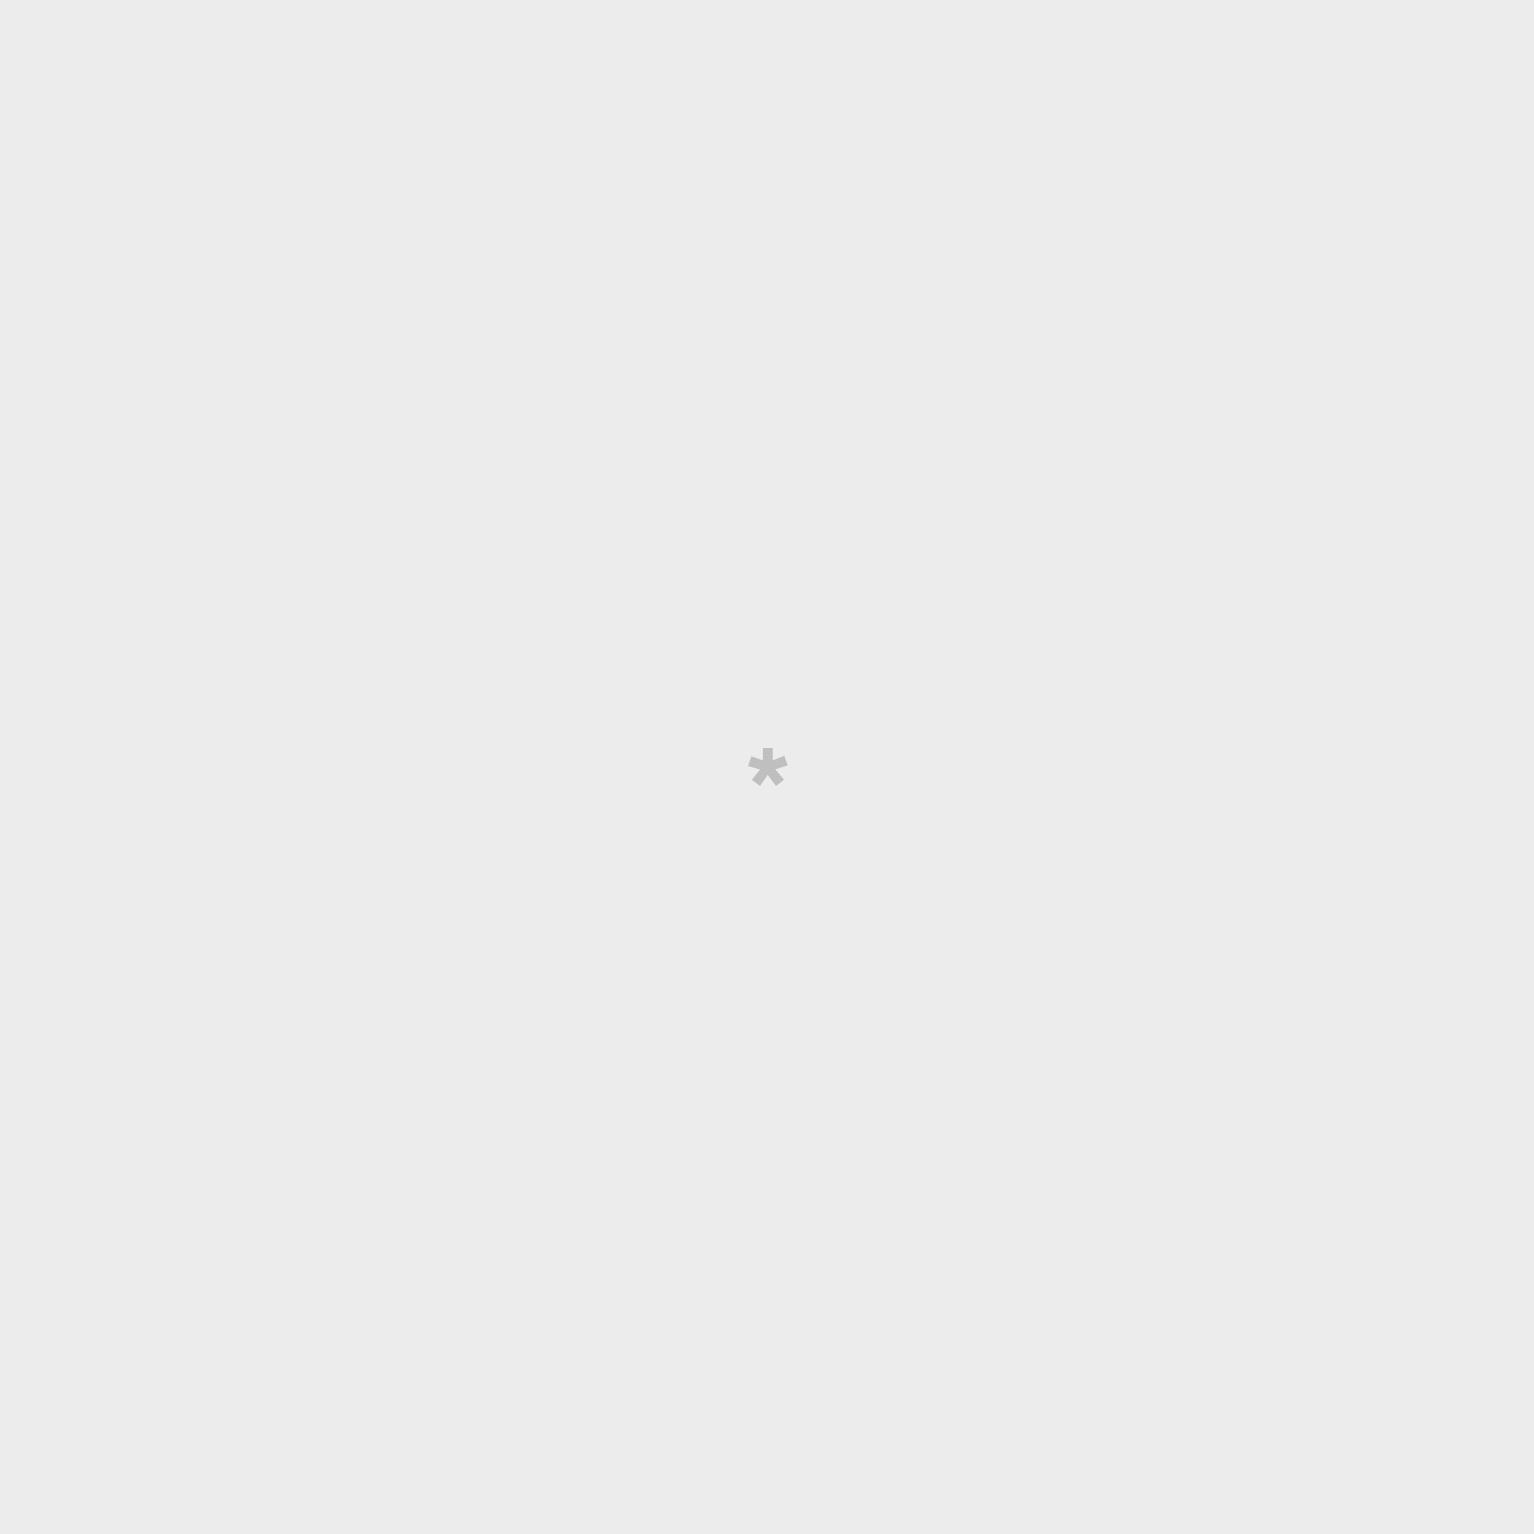 Pantufas tamanho 40-43 - O lado bom da vida